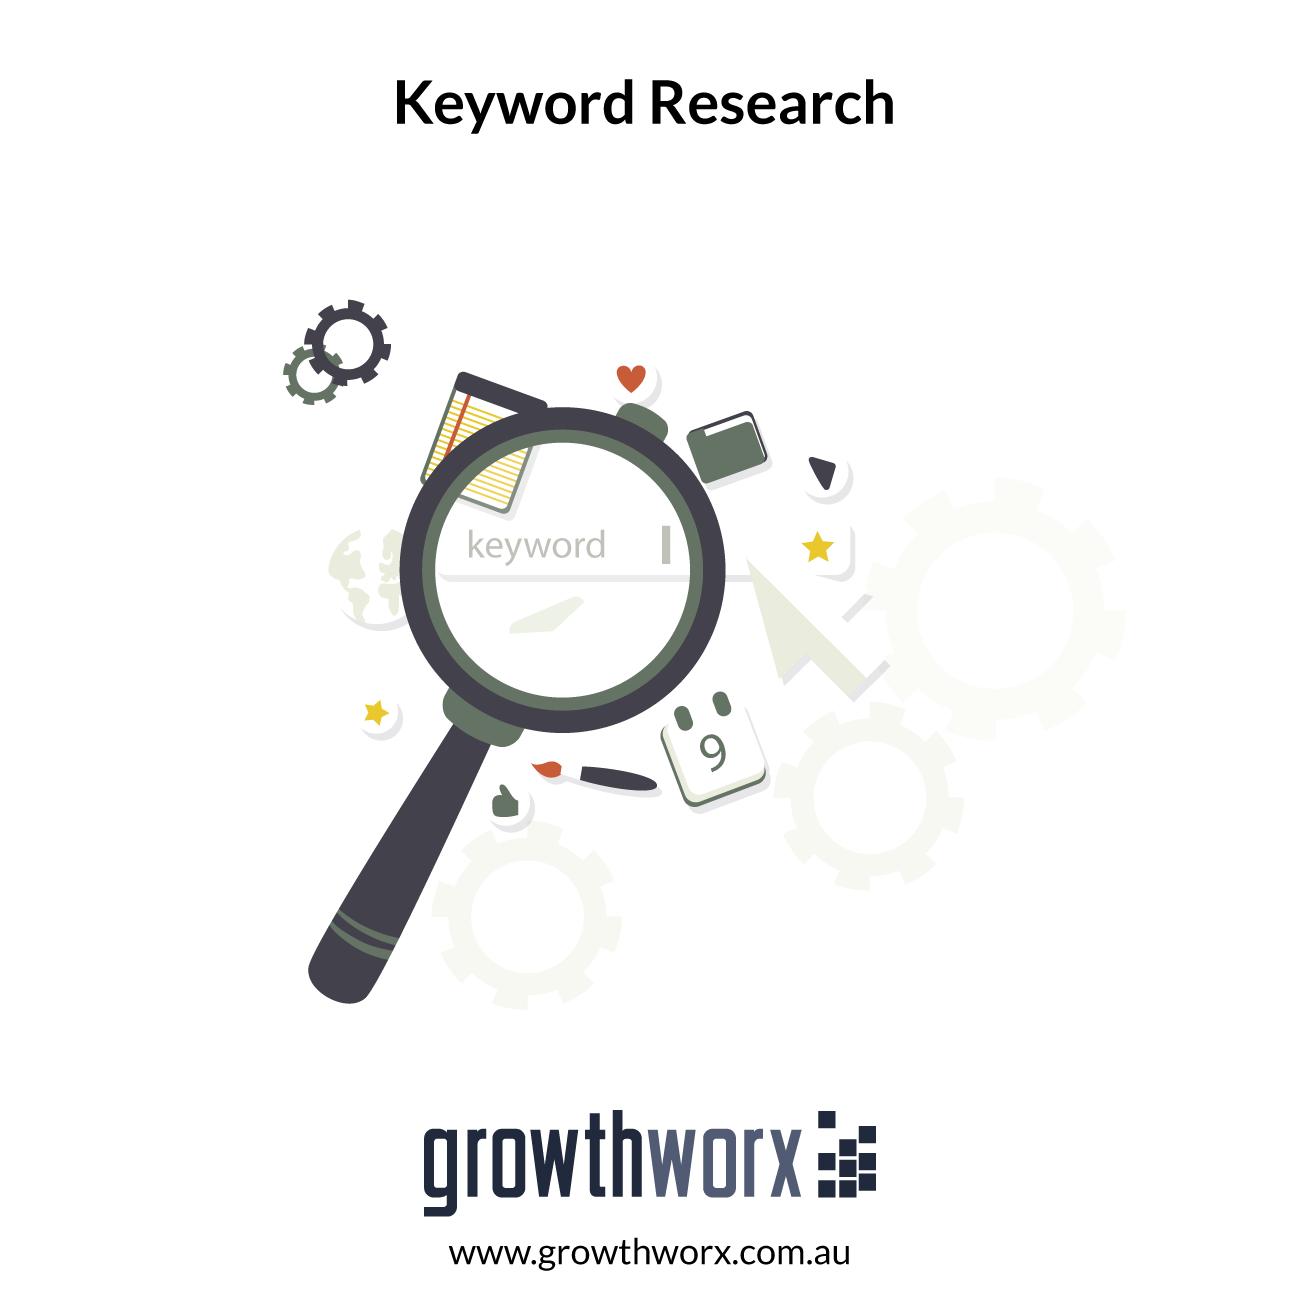 I will run in depth keyword research 1